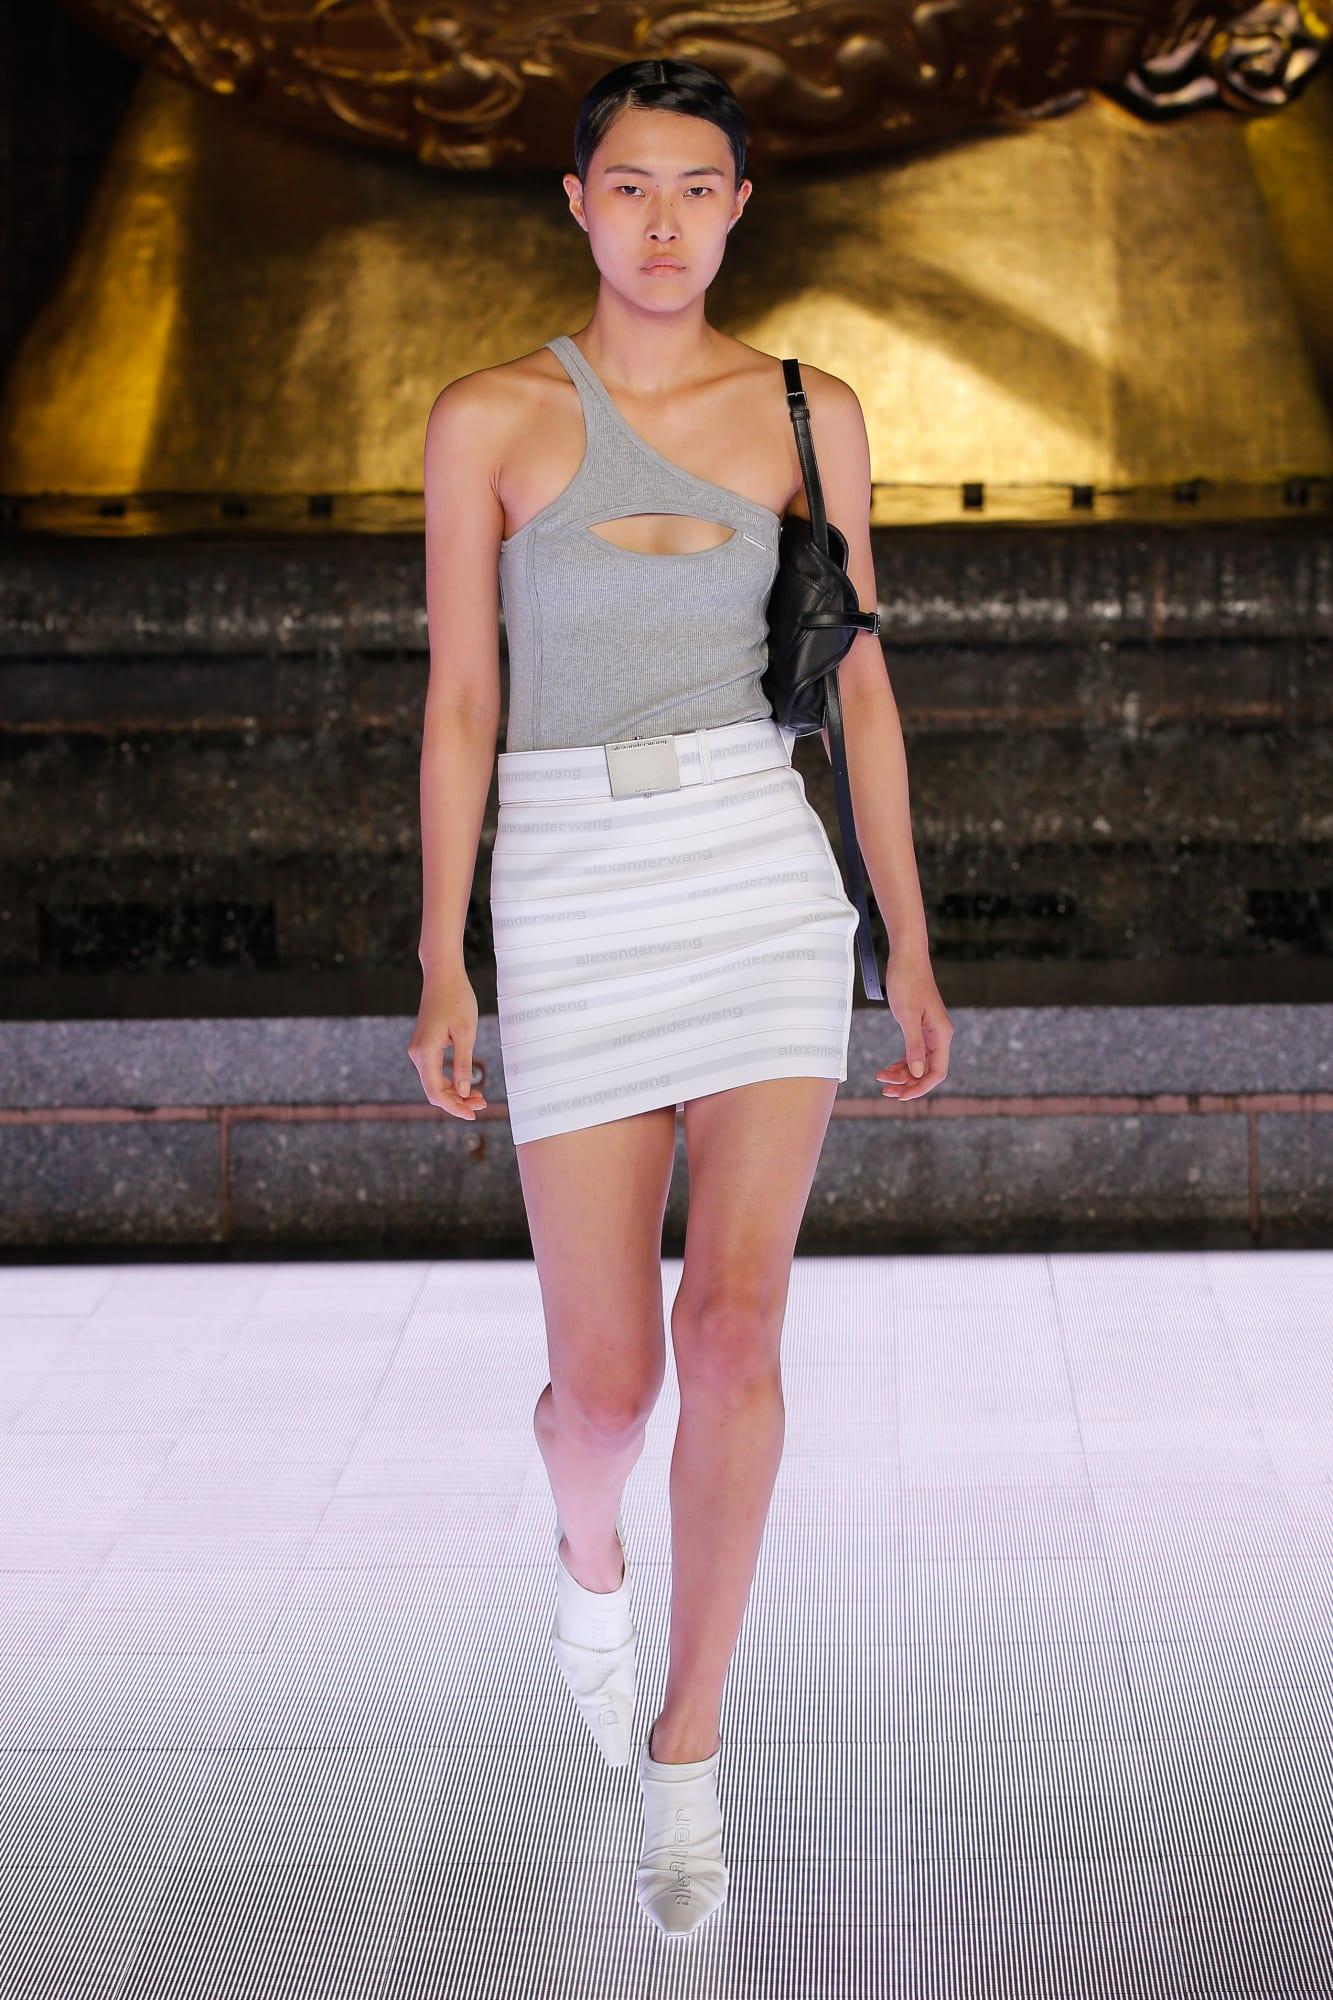 áo cut out và chân váy ngắn màu trắng